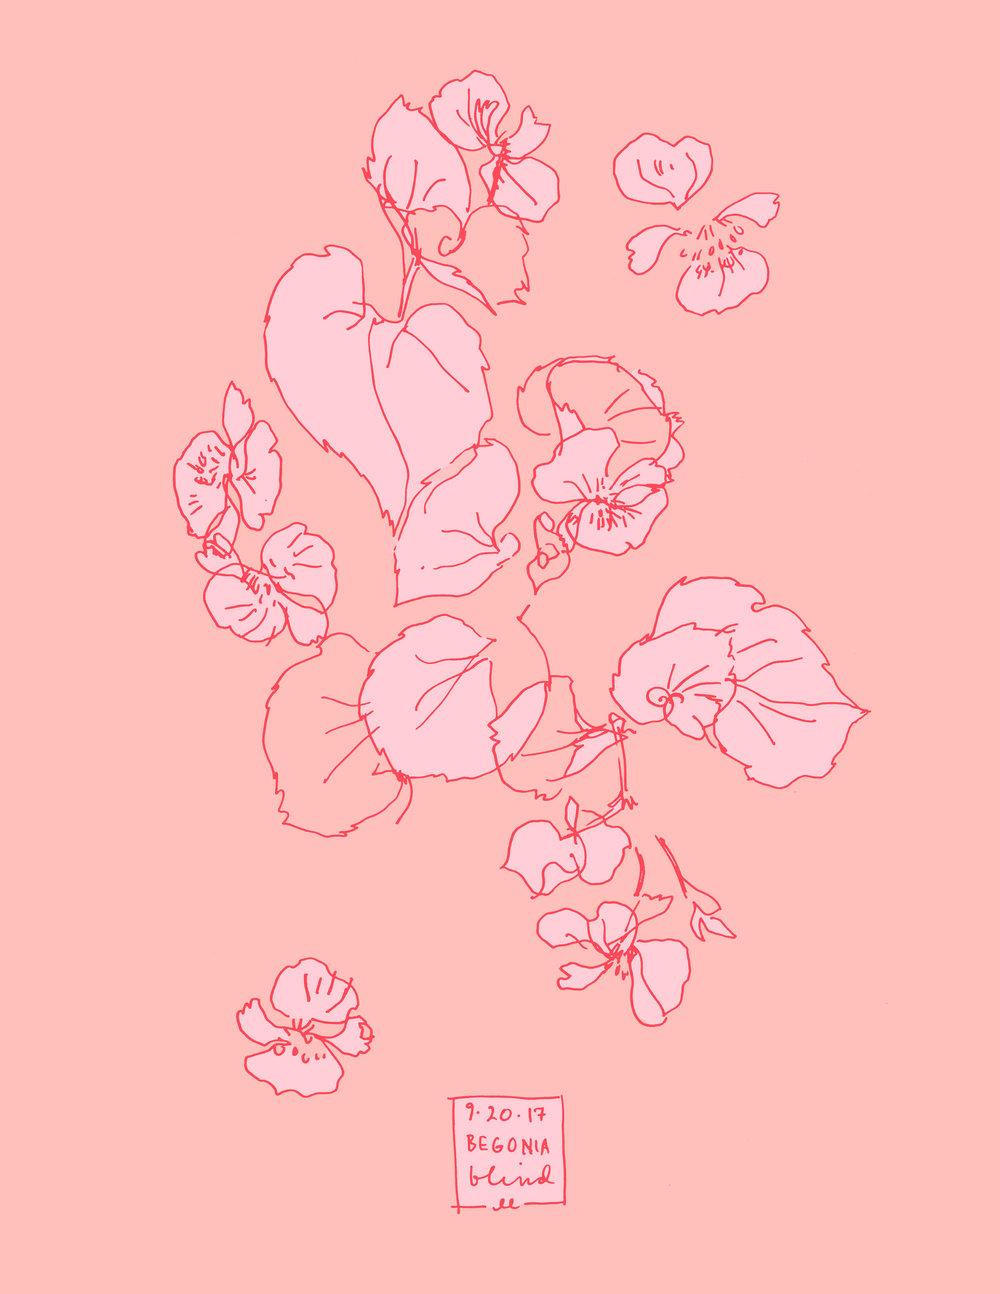 Begonia botanical line color illustration